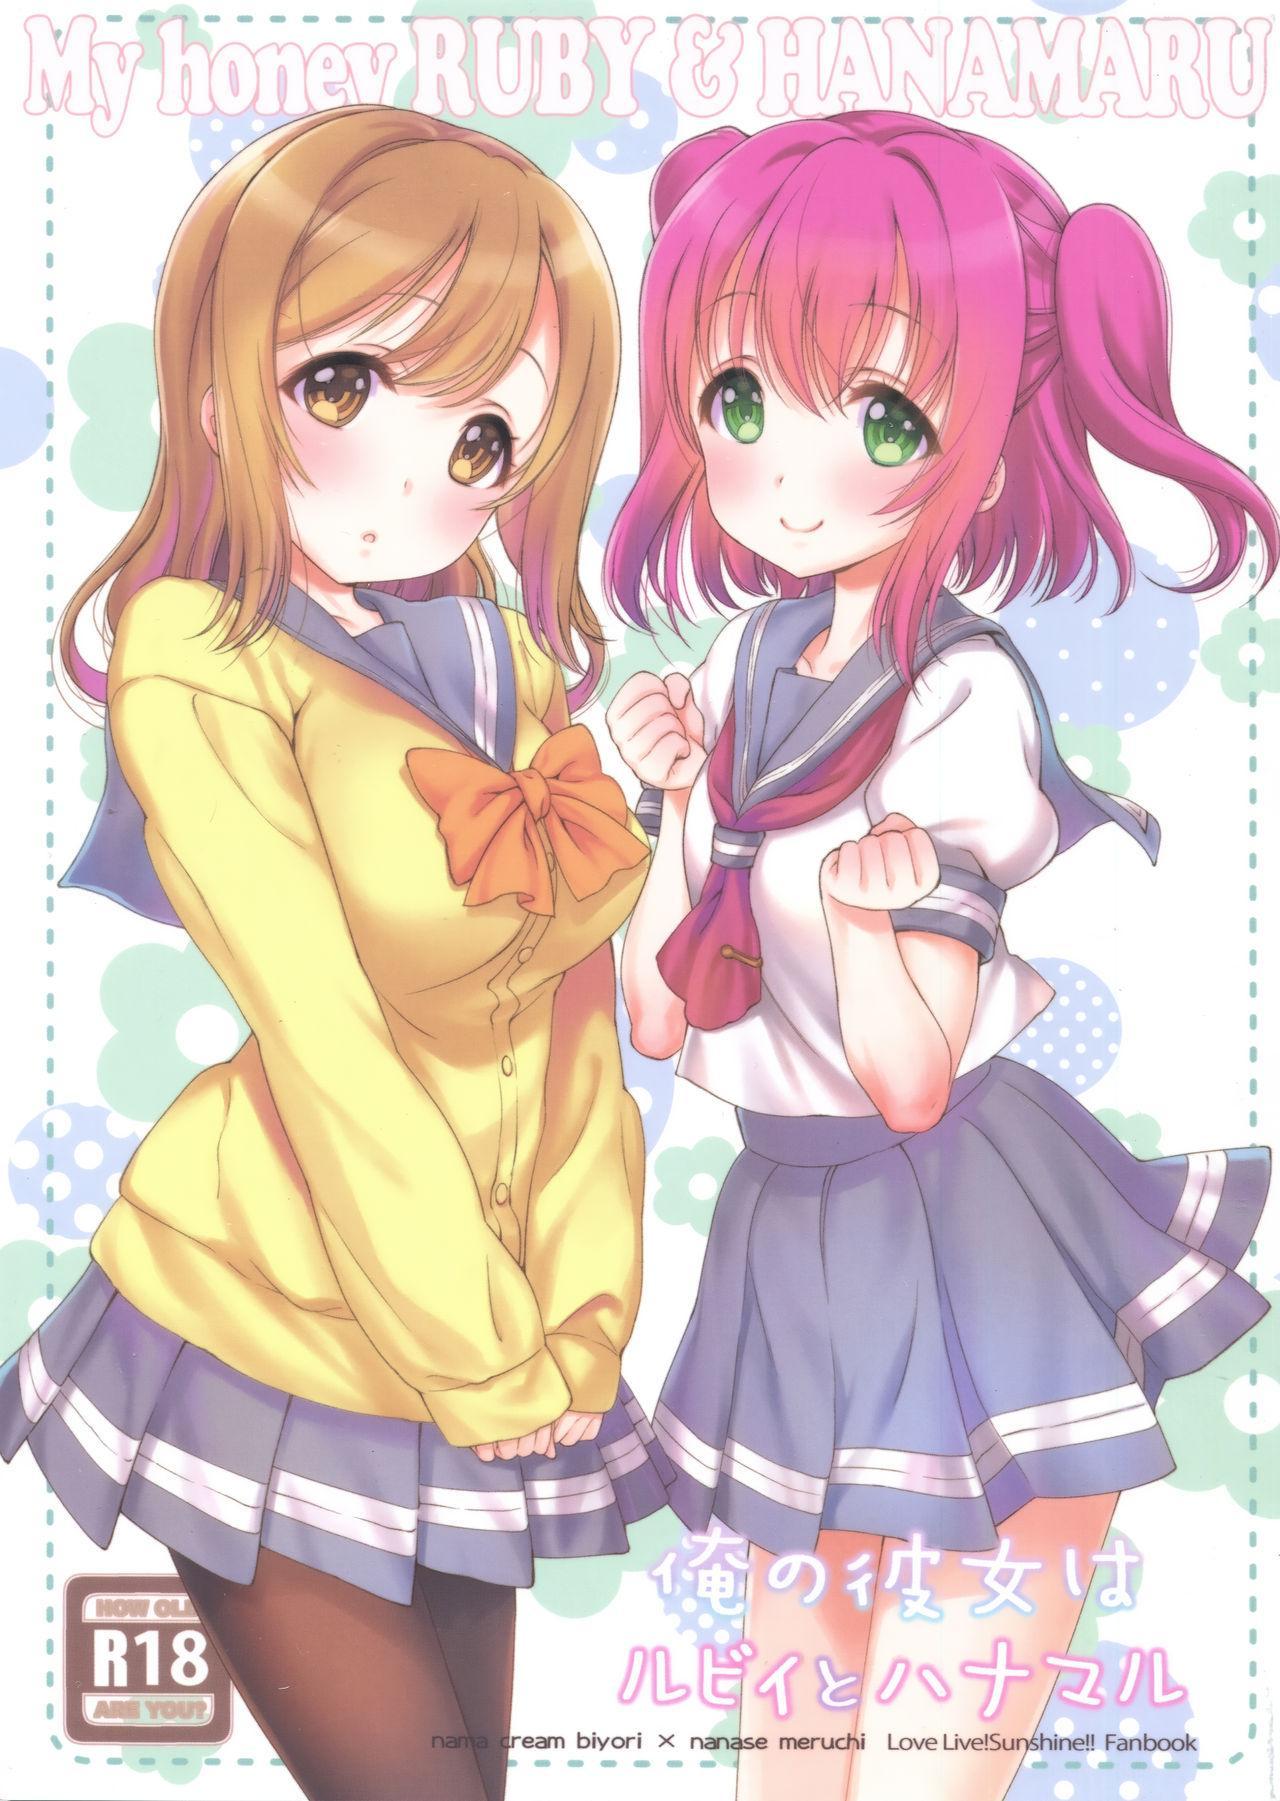 Ore no Kanojo wa Ruby to Hanamaru 1